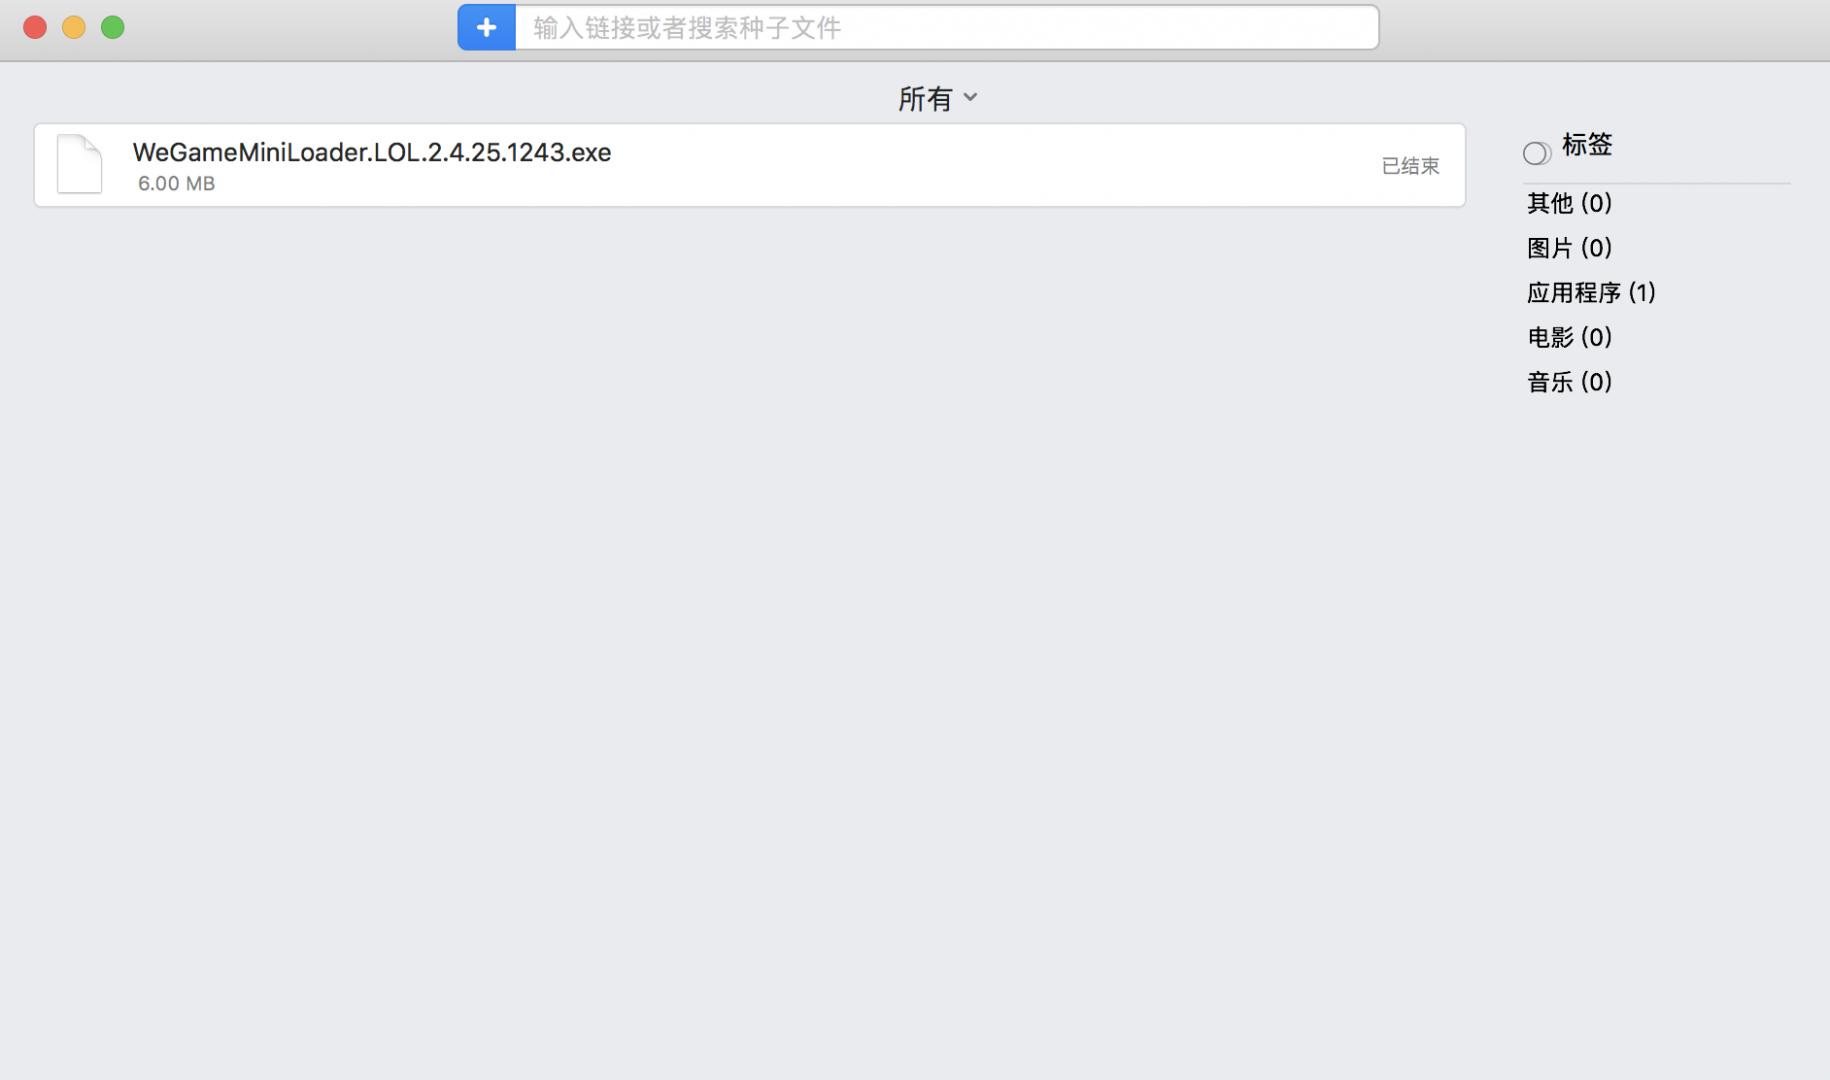 屏幕快照 2021-05-11 20.15.25